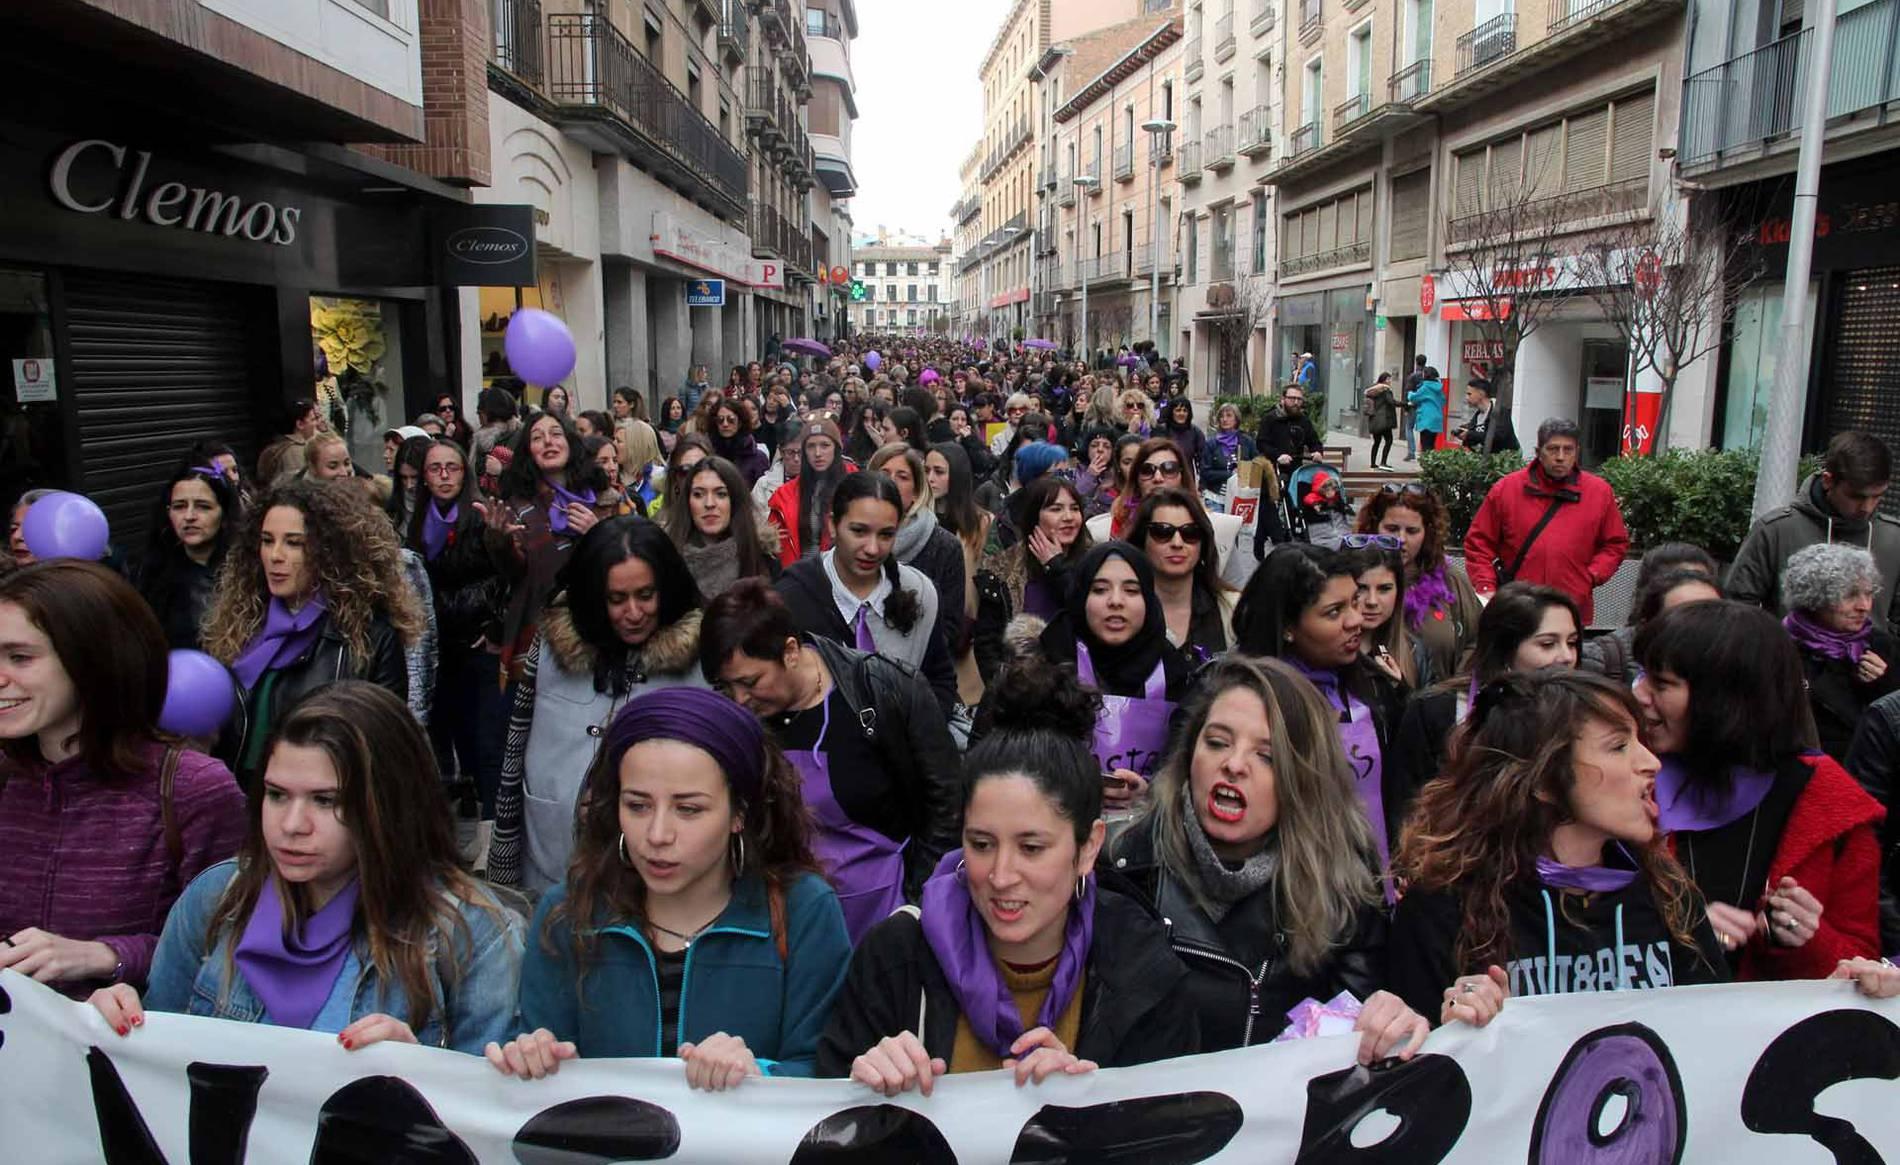 Manifestación en Tudela por el Día de la Mujer (1/11) - Imágenes de la marcha convocada por la plataforma 8m de la Ribera. - Tudela -